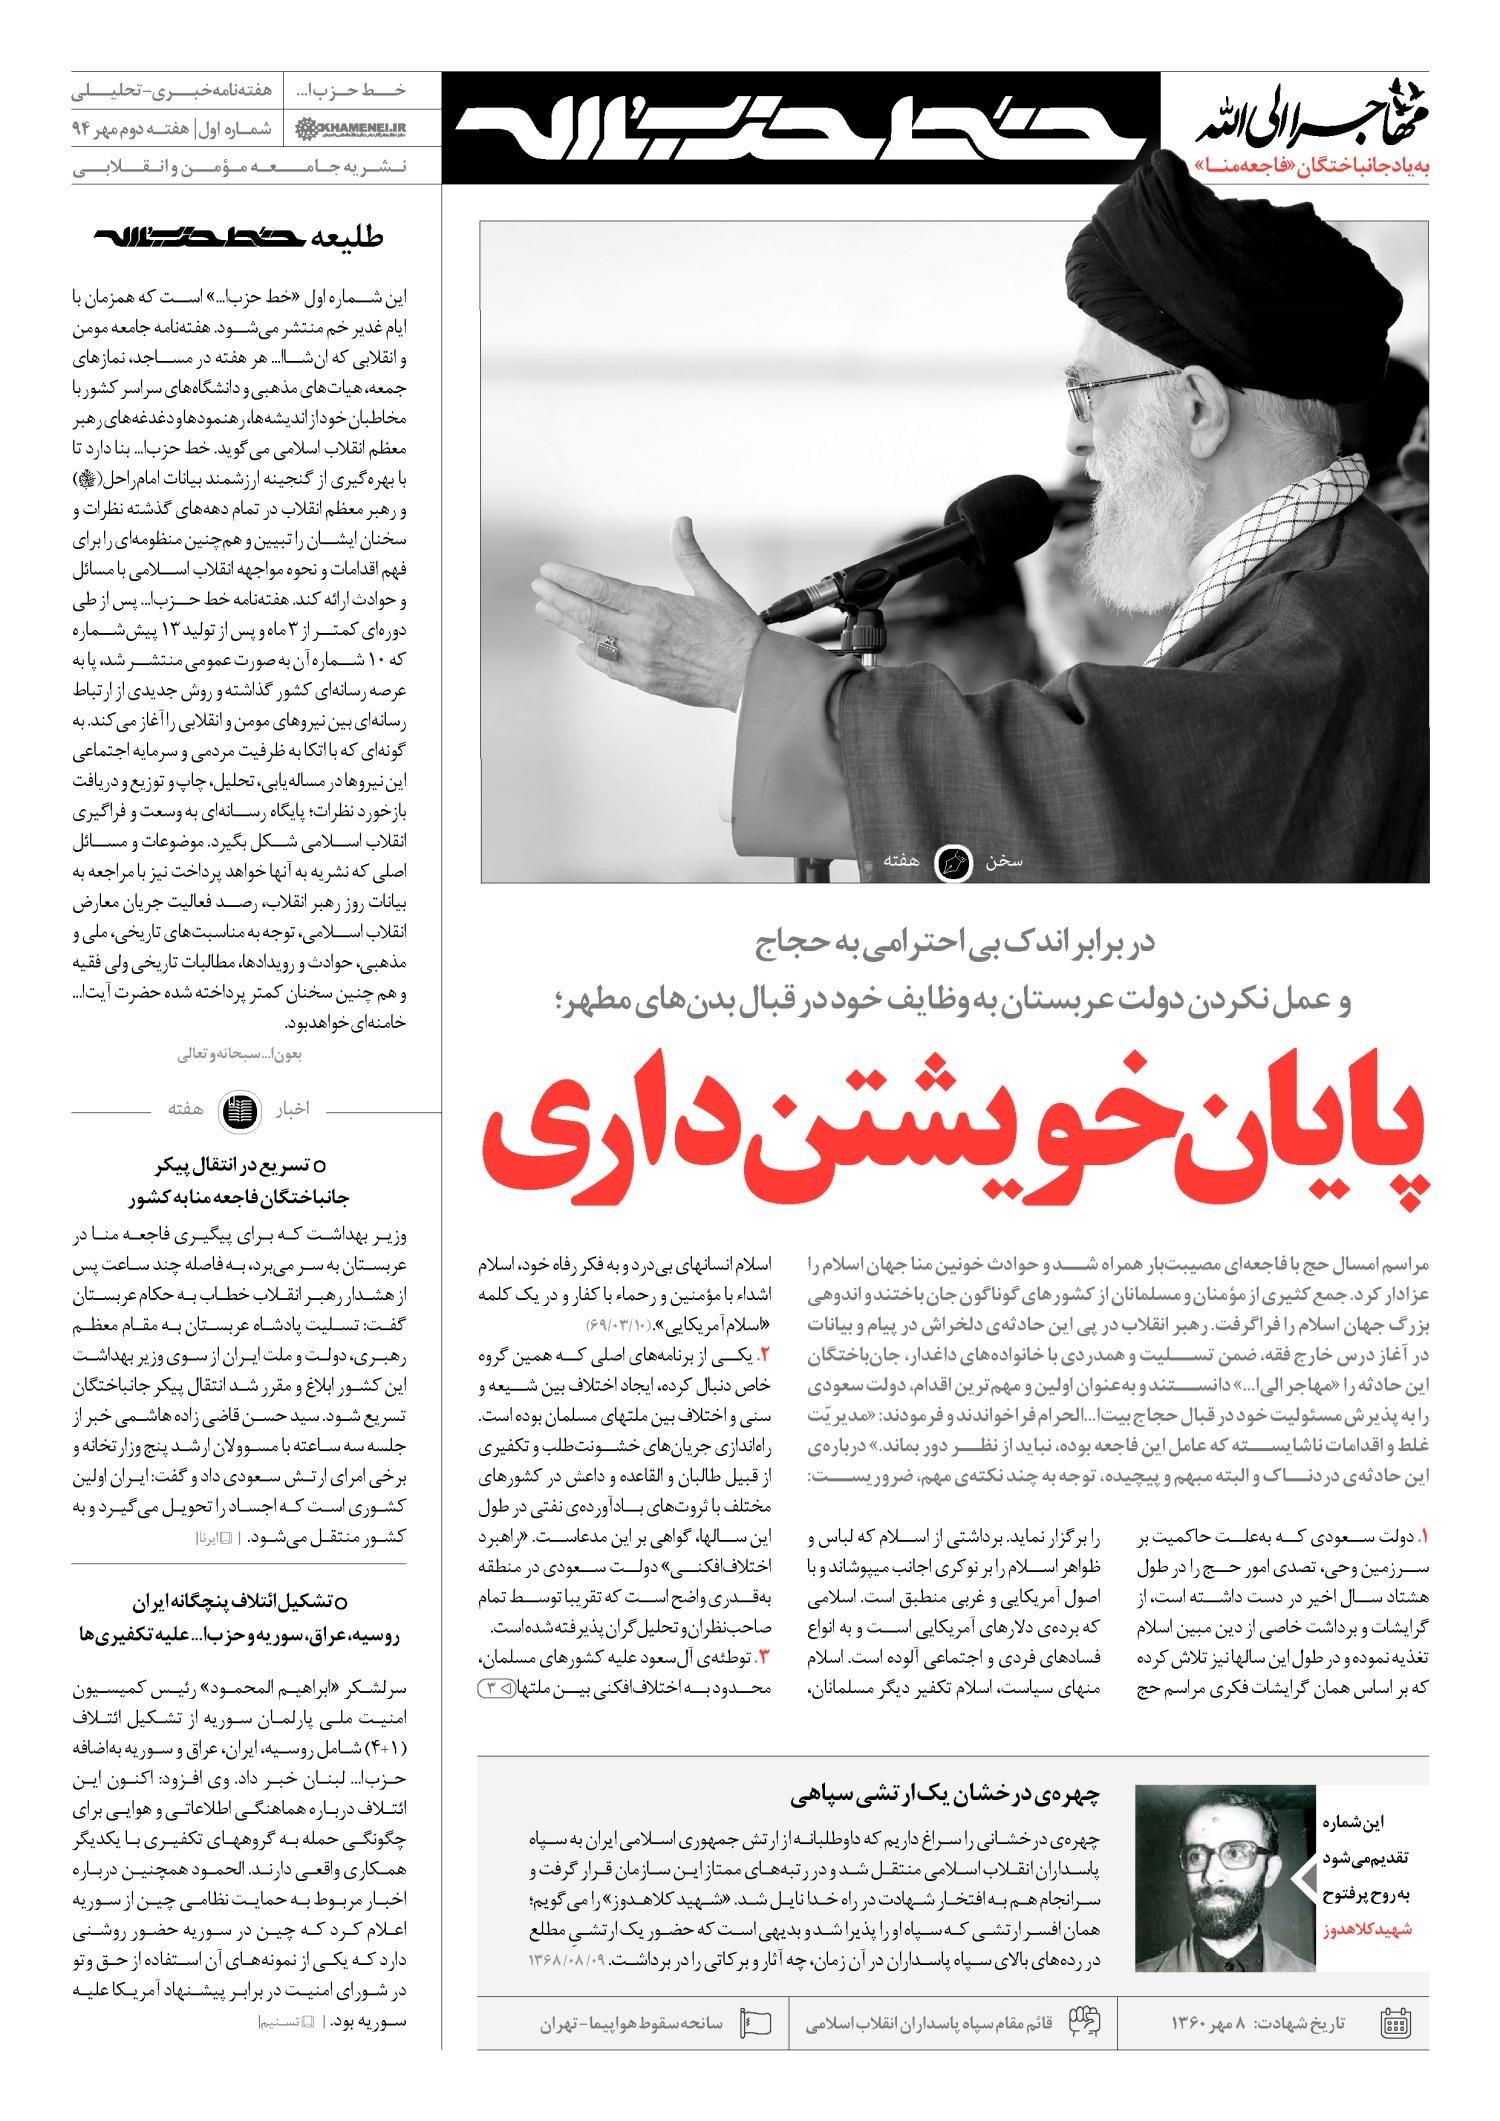 خط حزب الله -شماره اول page large 13